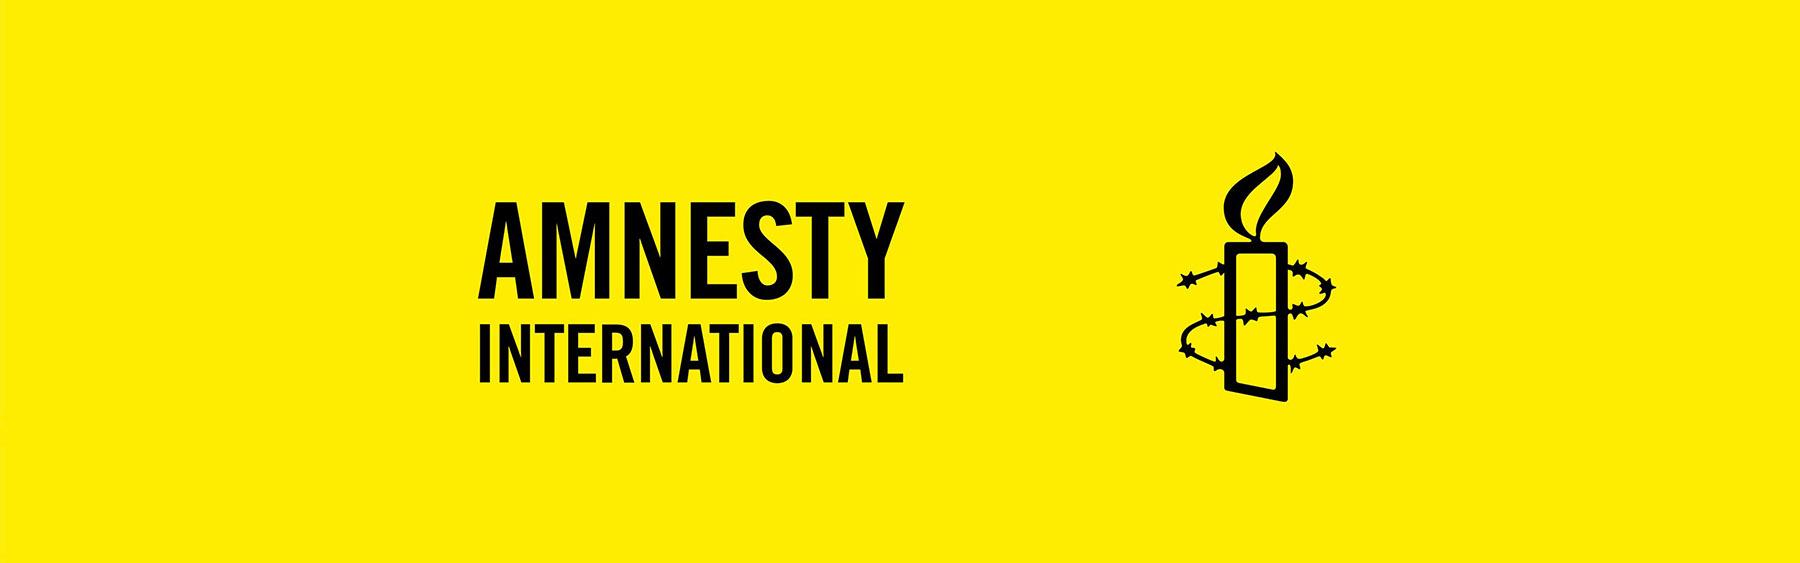 Amnesty Urgent Action Network